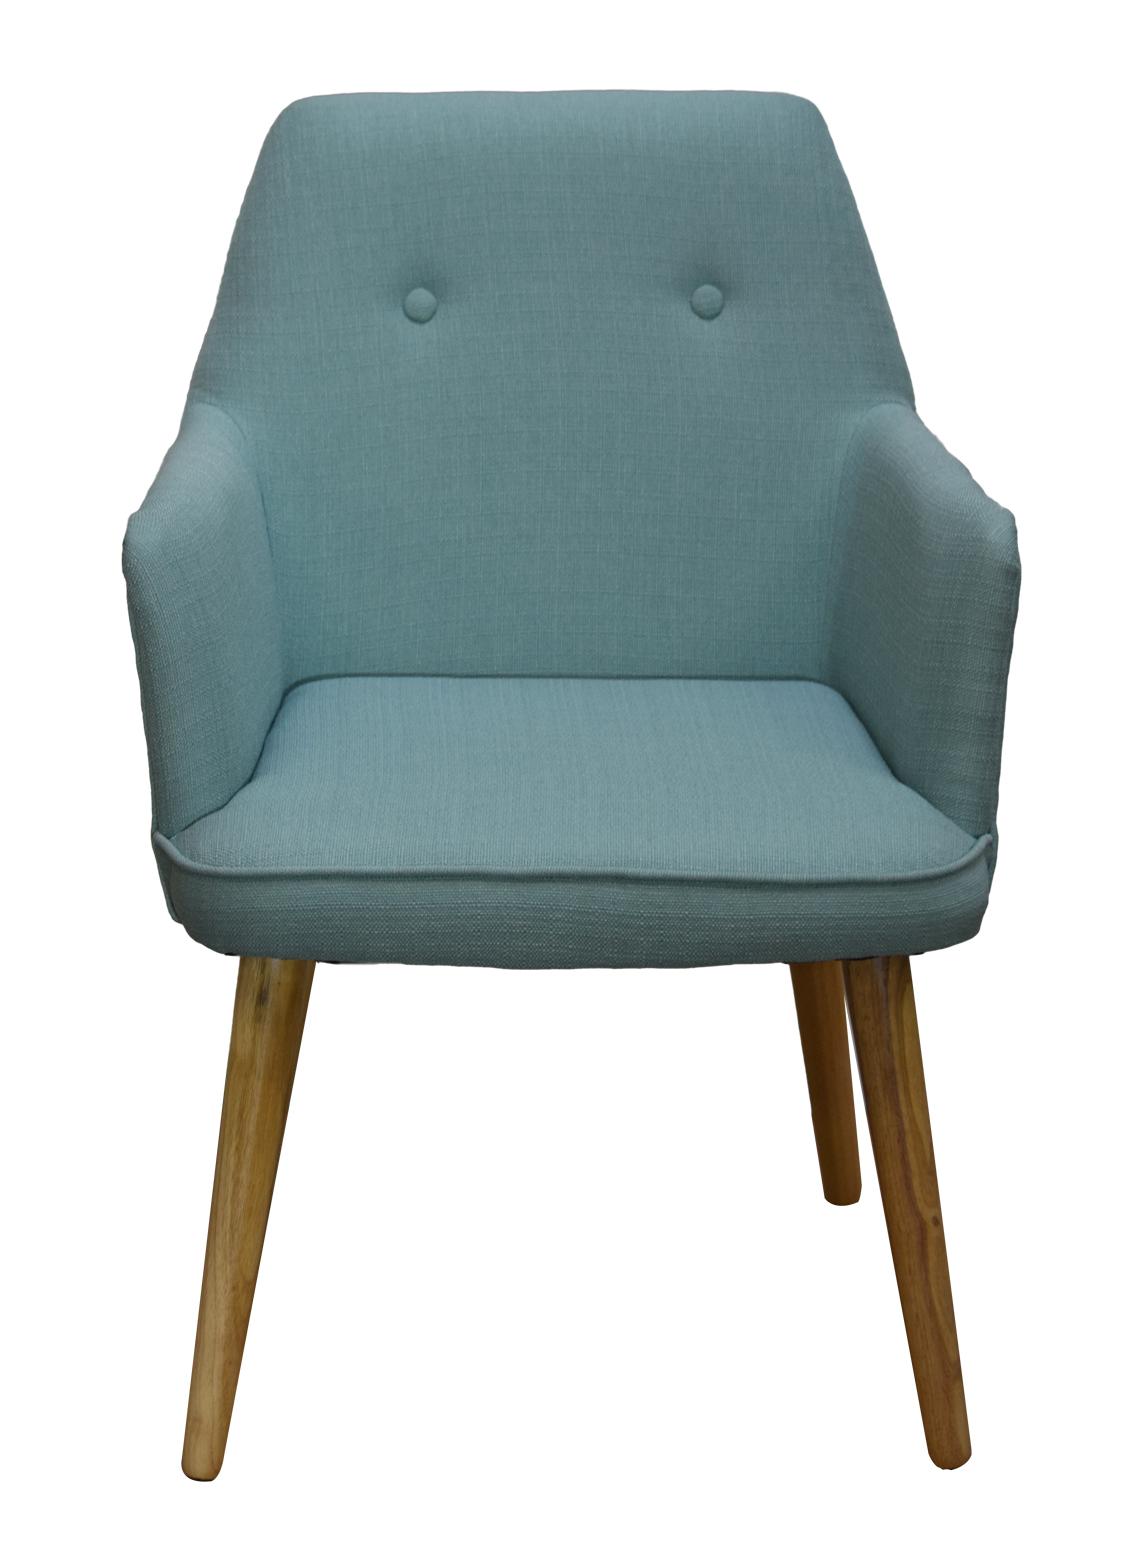 fauteuil de table scandinave bleu clair oslo